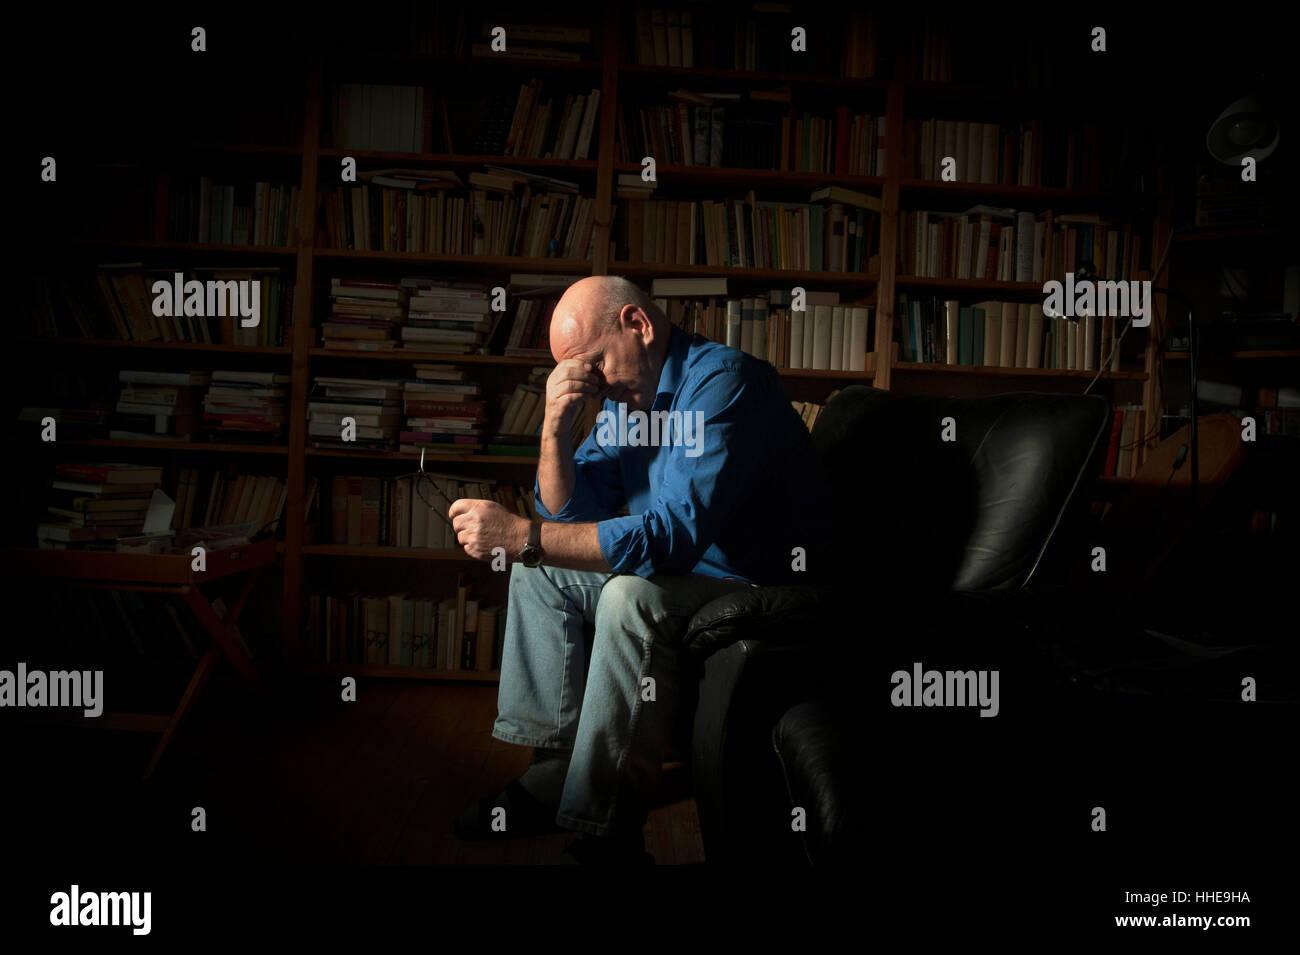 Un hombre de edad avanzada que sufren de depresión o ansiedad y tristeza. Imagen De Stock